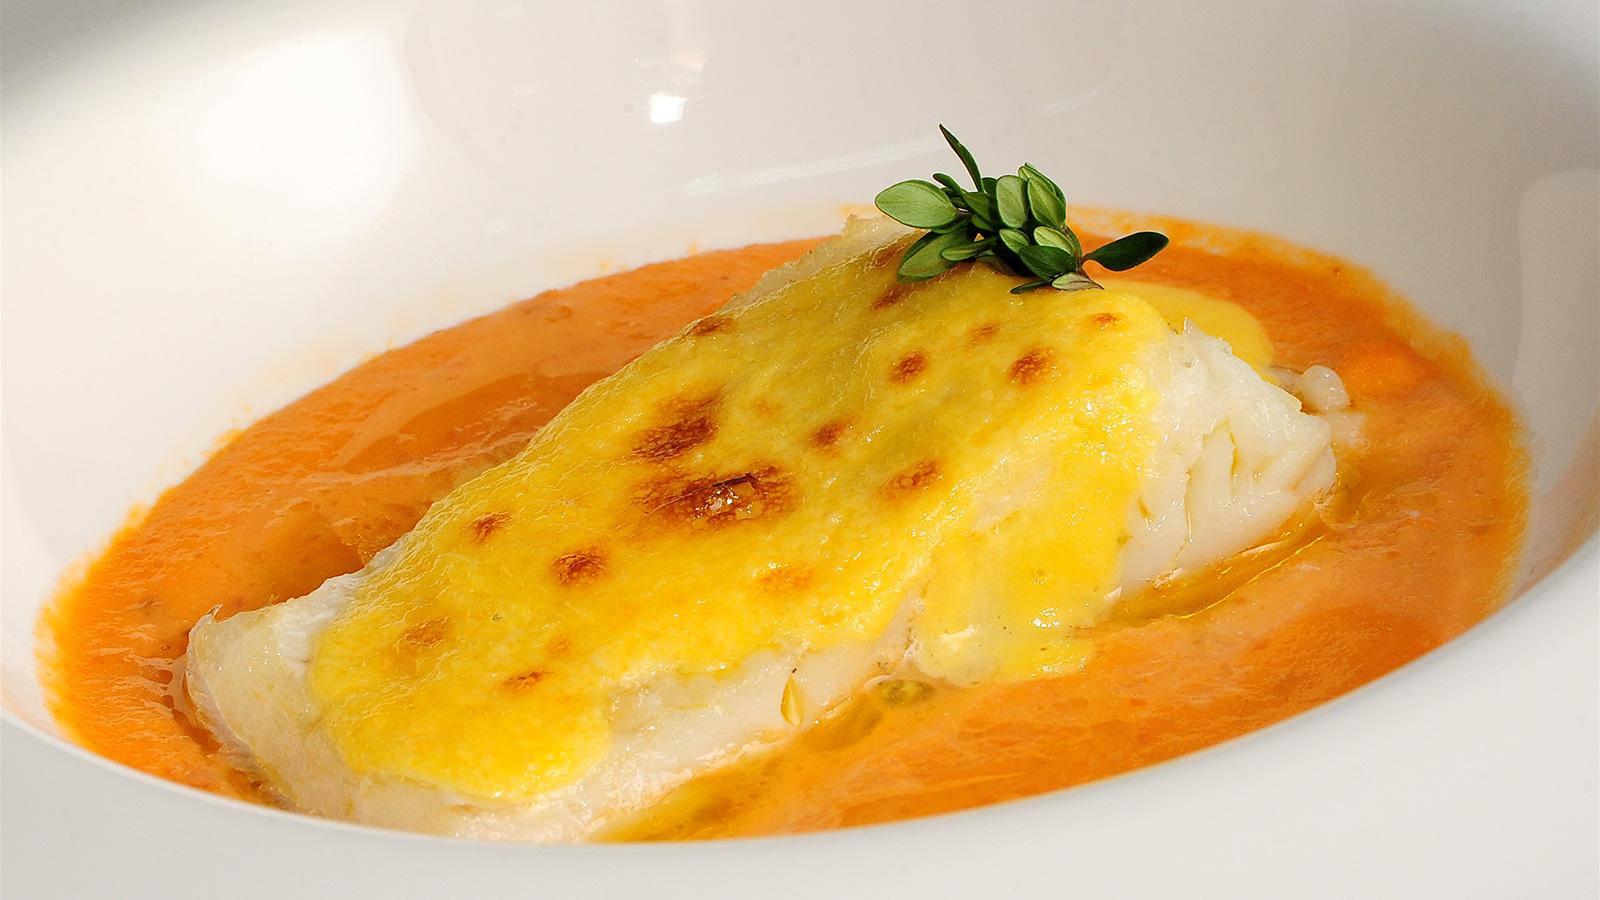 Bacalao confitado al ajo sergio fern ndez receta canal cocina - Cocinar bacalao desalado ...